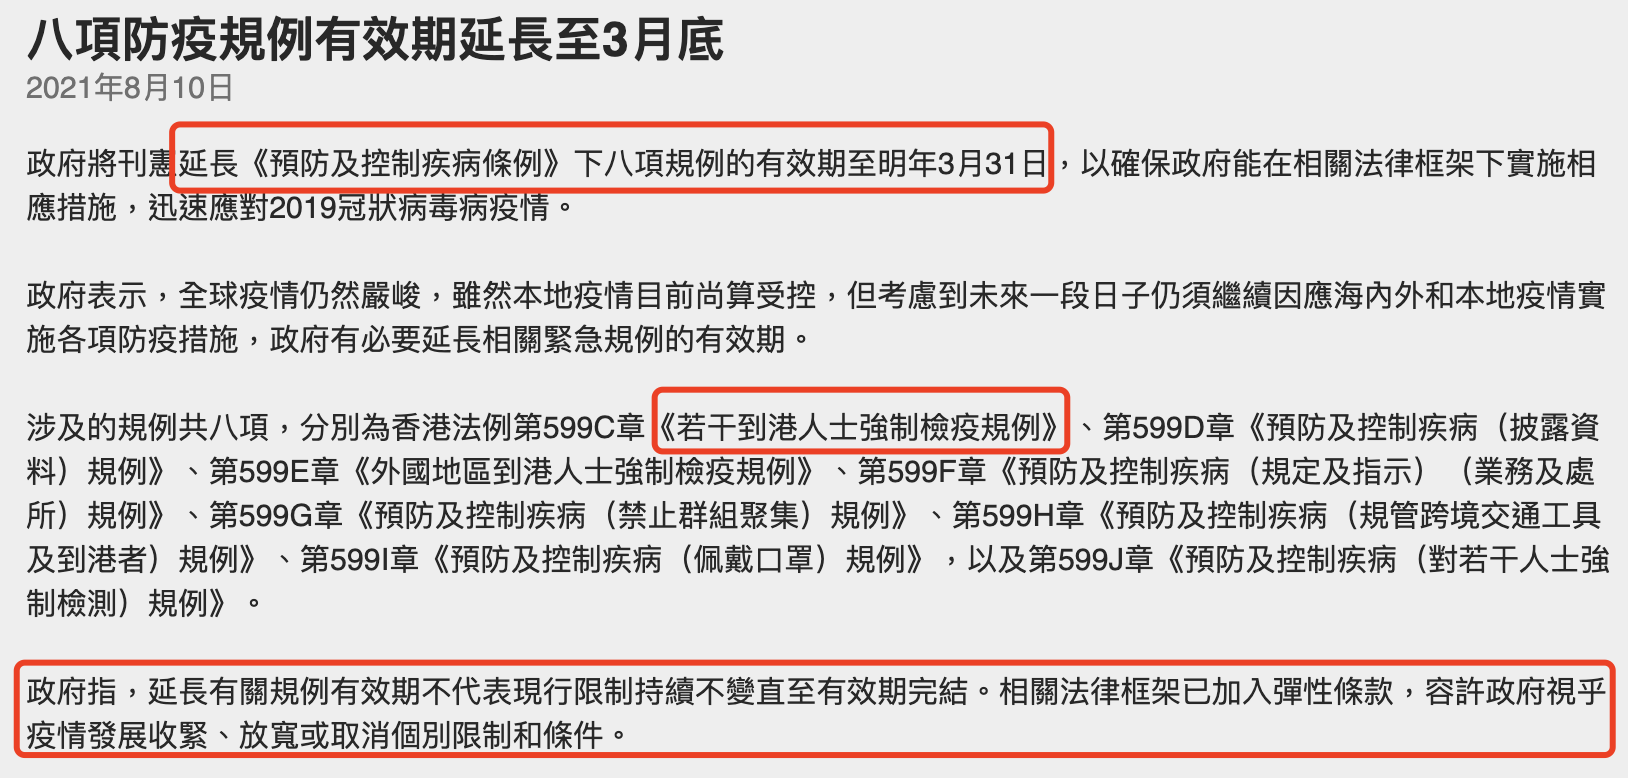 2021年10月香港SAT考试大陆考生又被取消资格!澳门新增10月SAT考点!